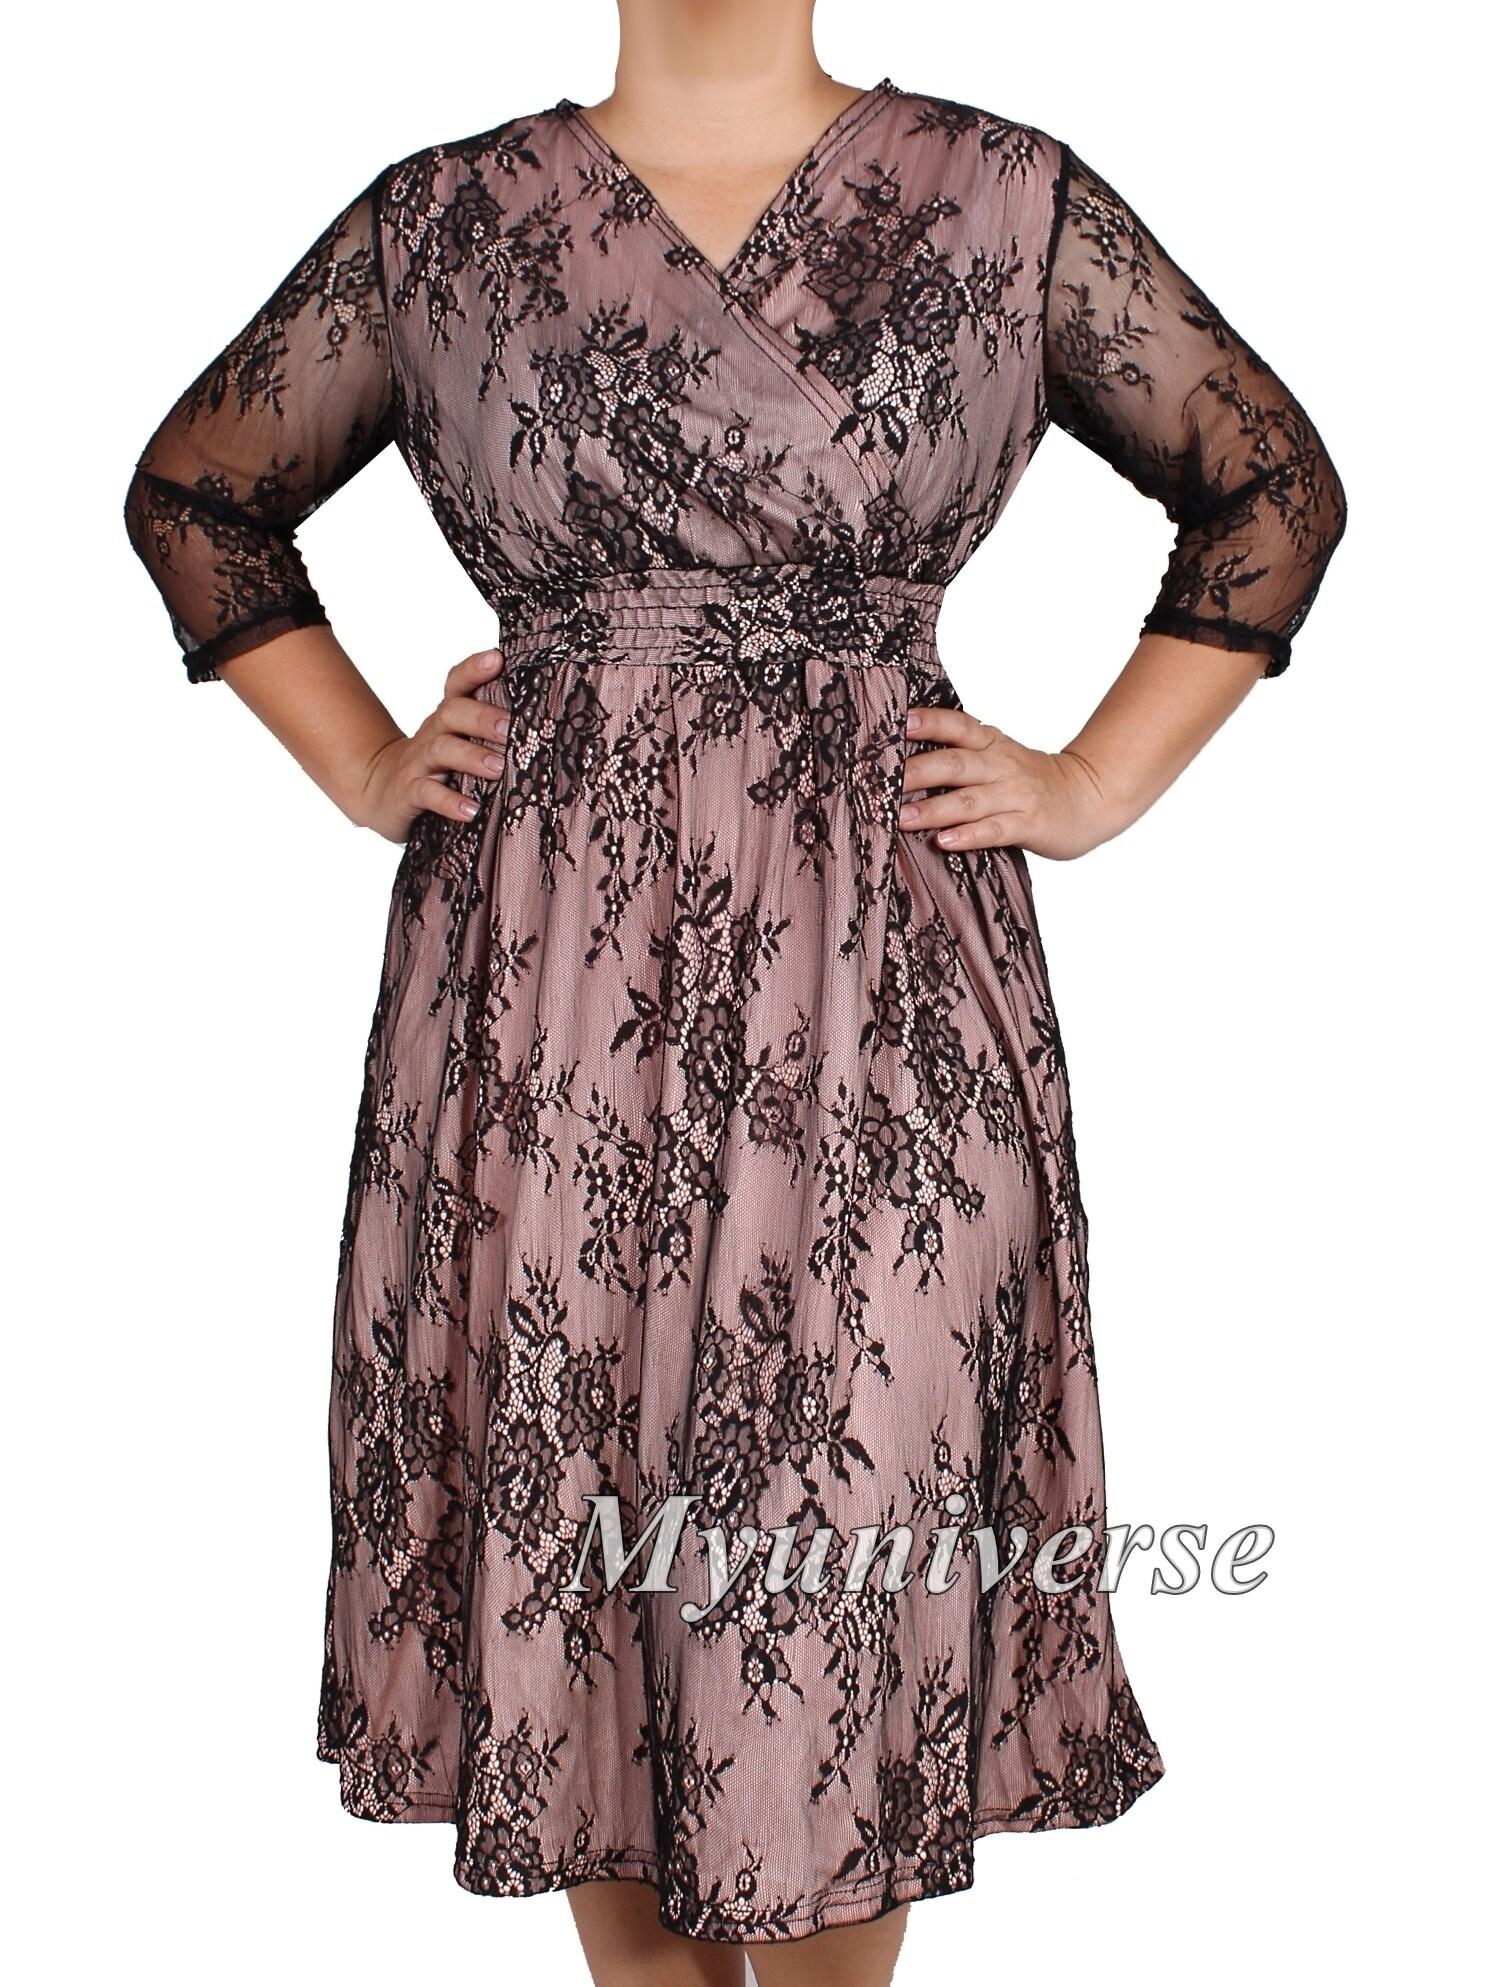 Black Lace Plus Size Dresses Blush Color For Women Formal | Etsy